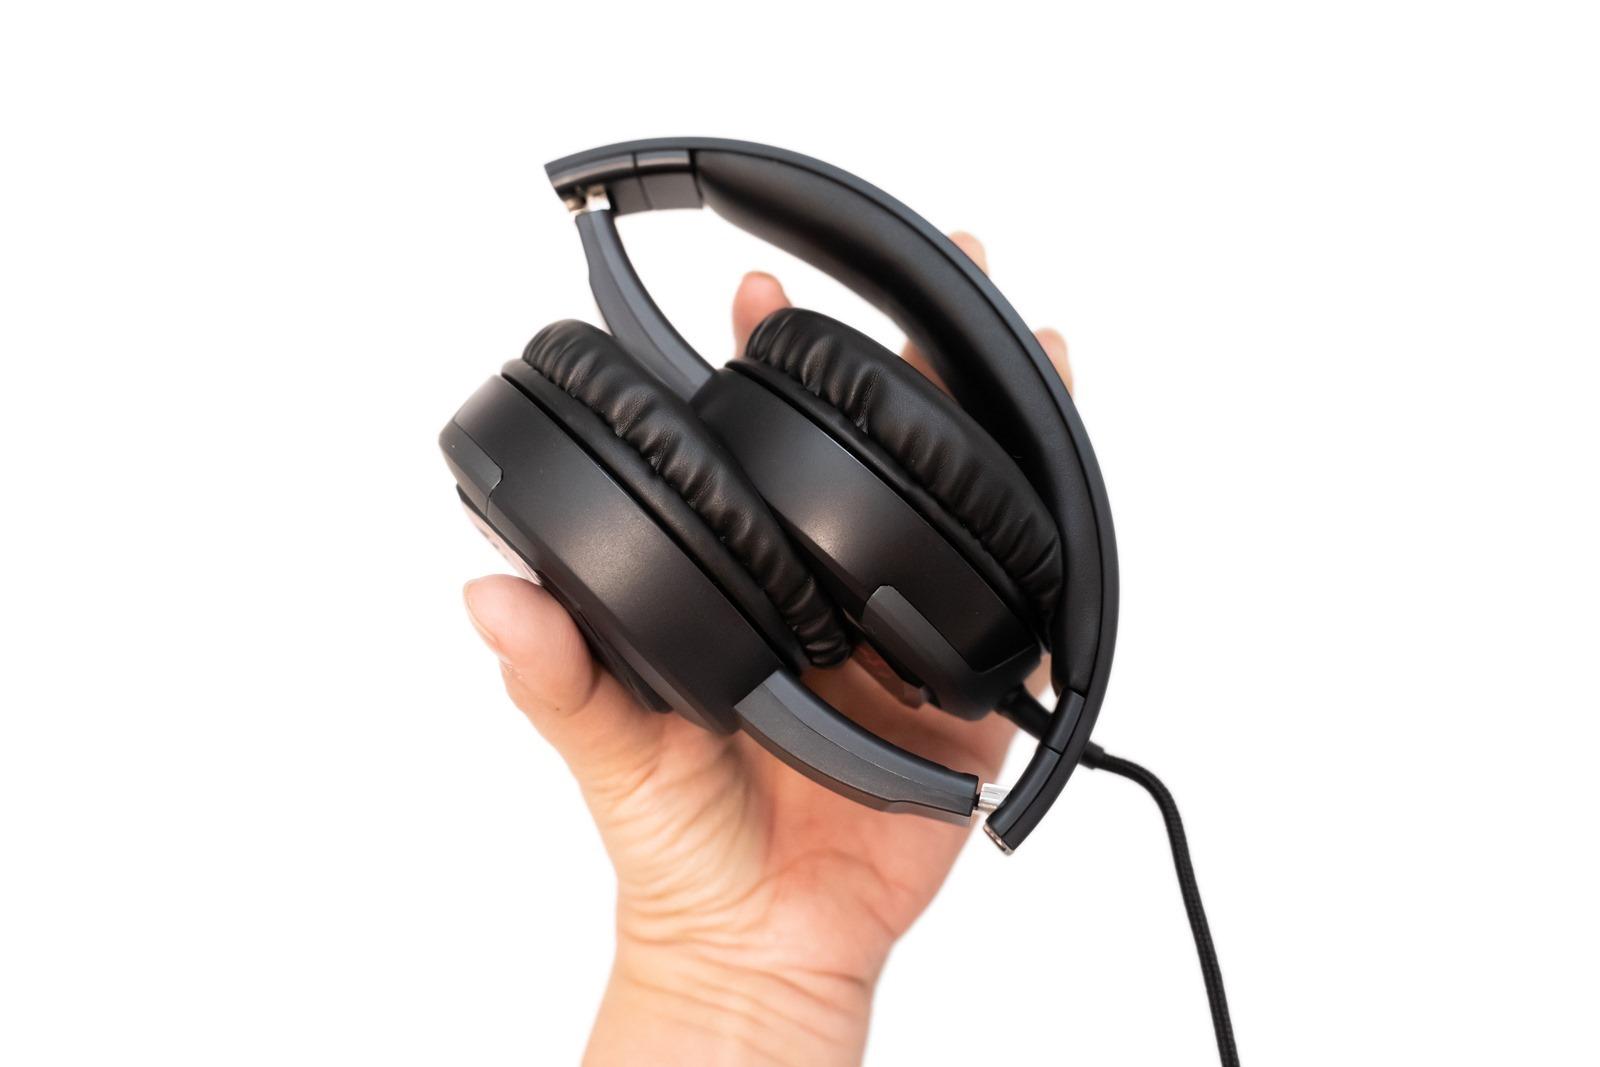 【開箱】MSI微星GH30電競耳機,給您高音質水準!